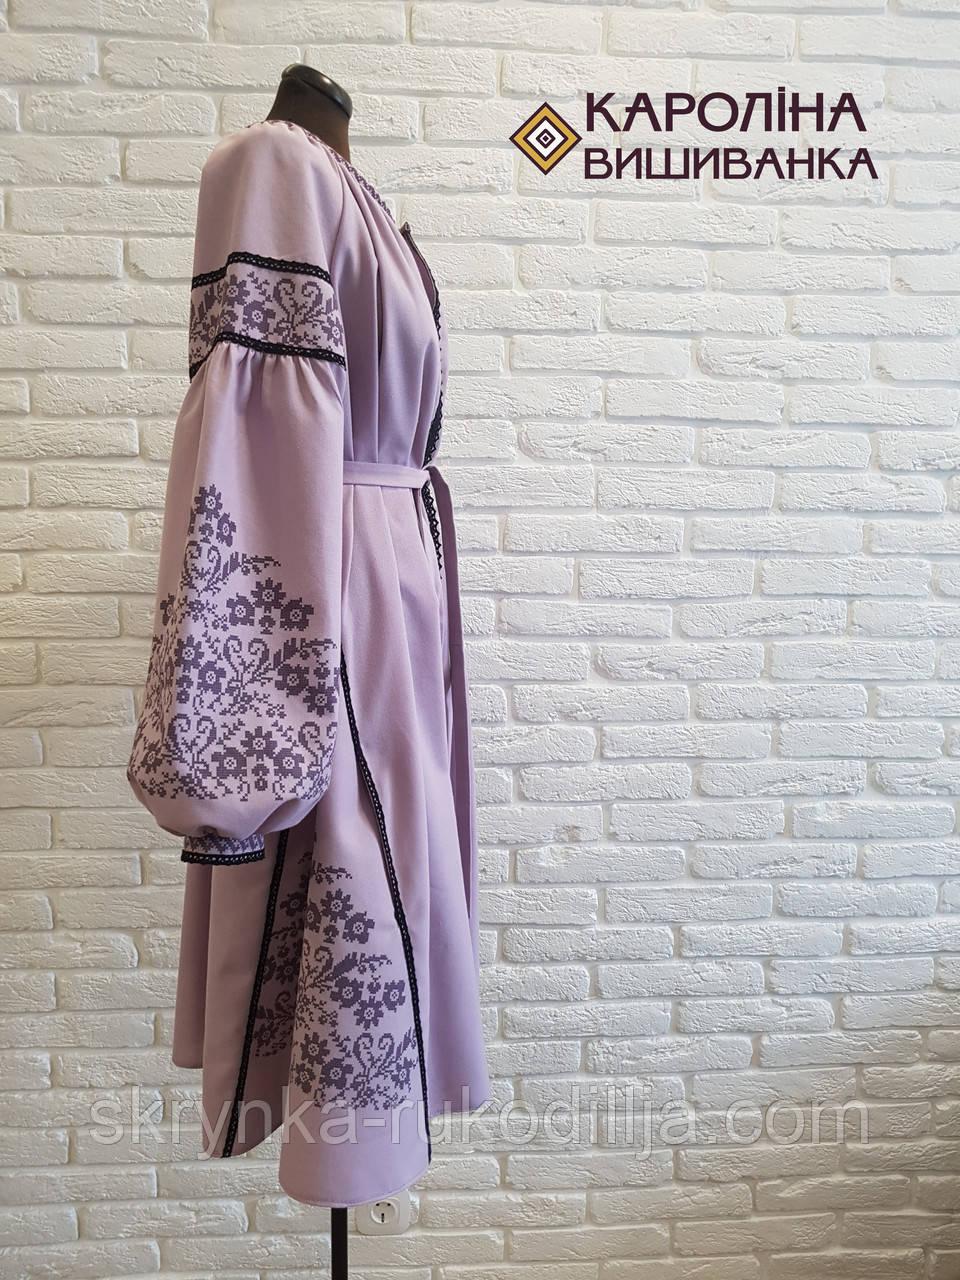 ... Заготовка непошита для вишивання бісером або нитками жіночої сукні  вишиванки БОХО етно c901c5d387d45